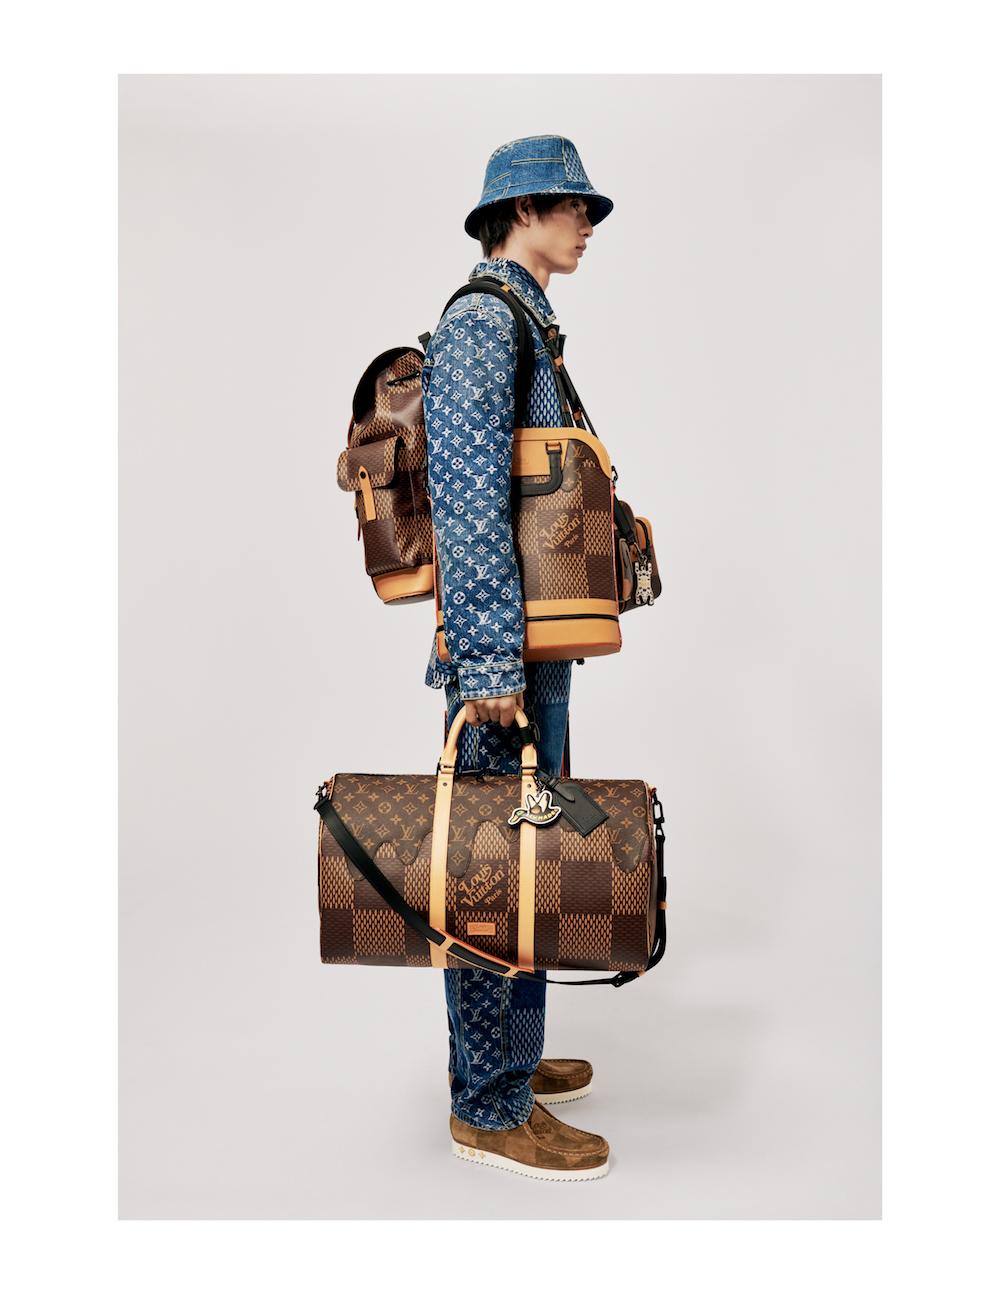 Băn khoăn có nên mua túi Louis Vuitton Keepall? Hãy đọc bài review này 3